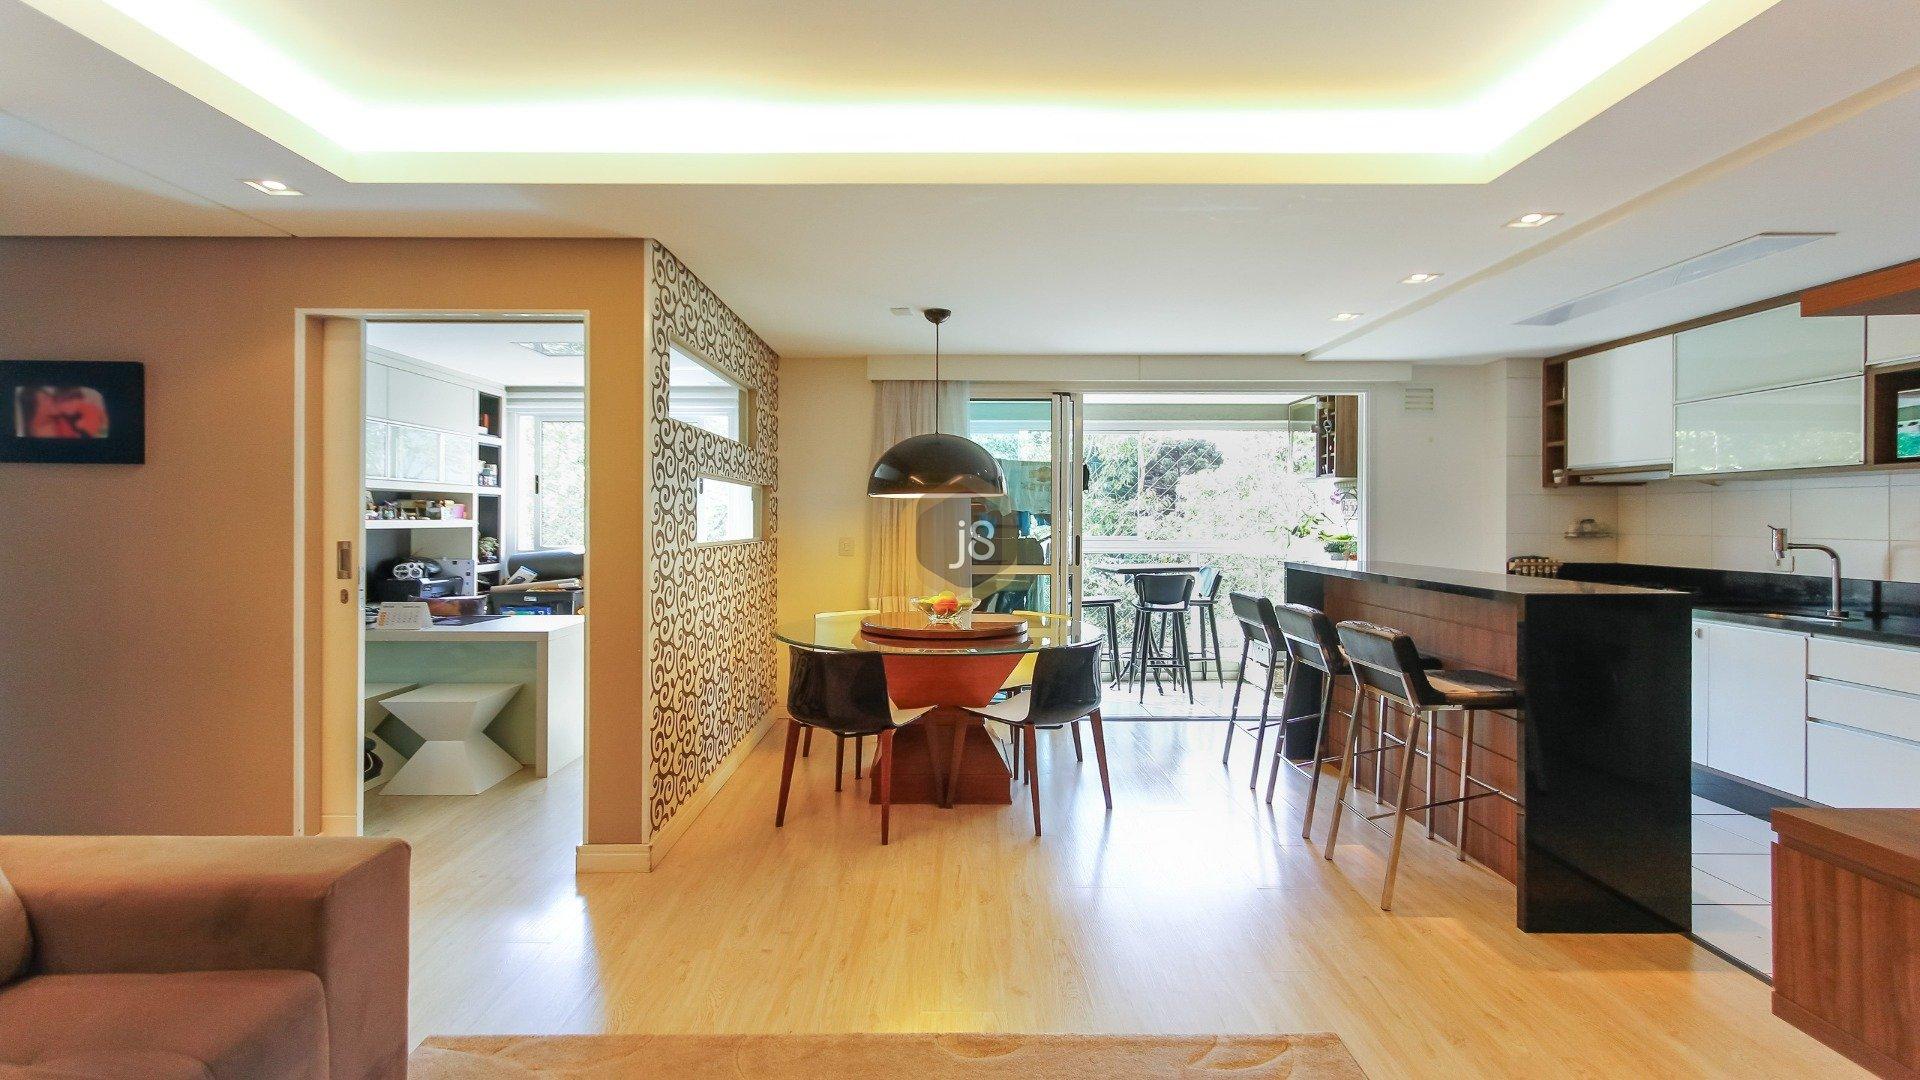 Foto de destaque Excelente apartamento em condomínio clube!